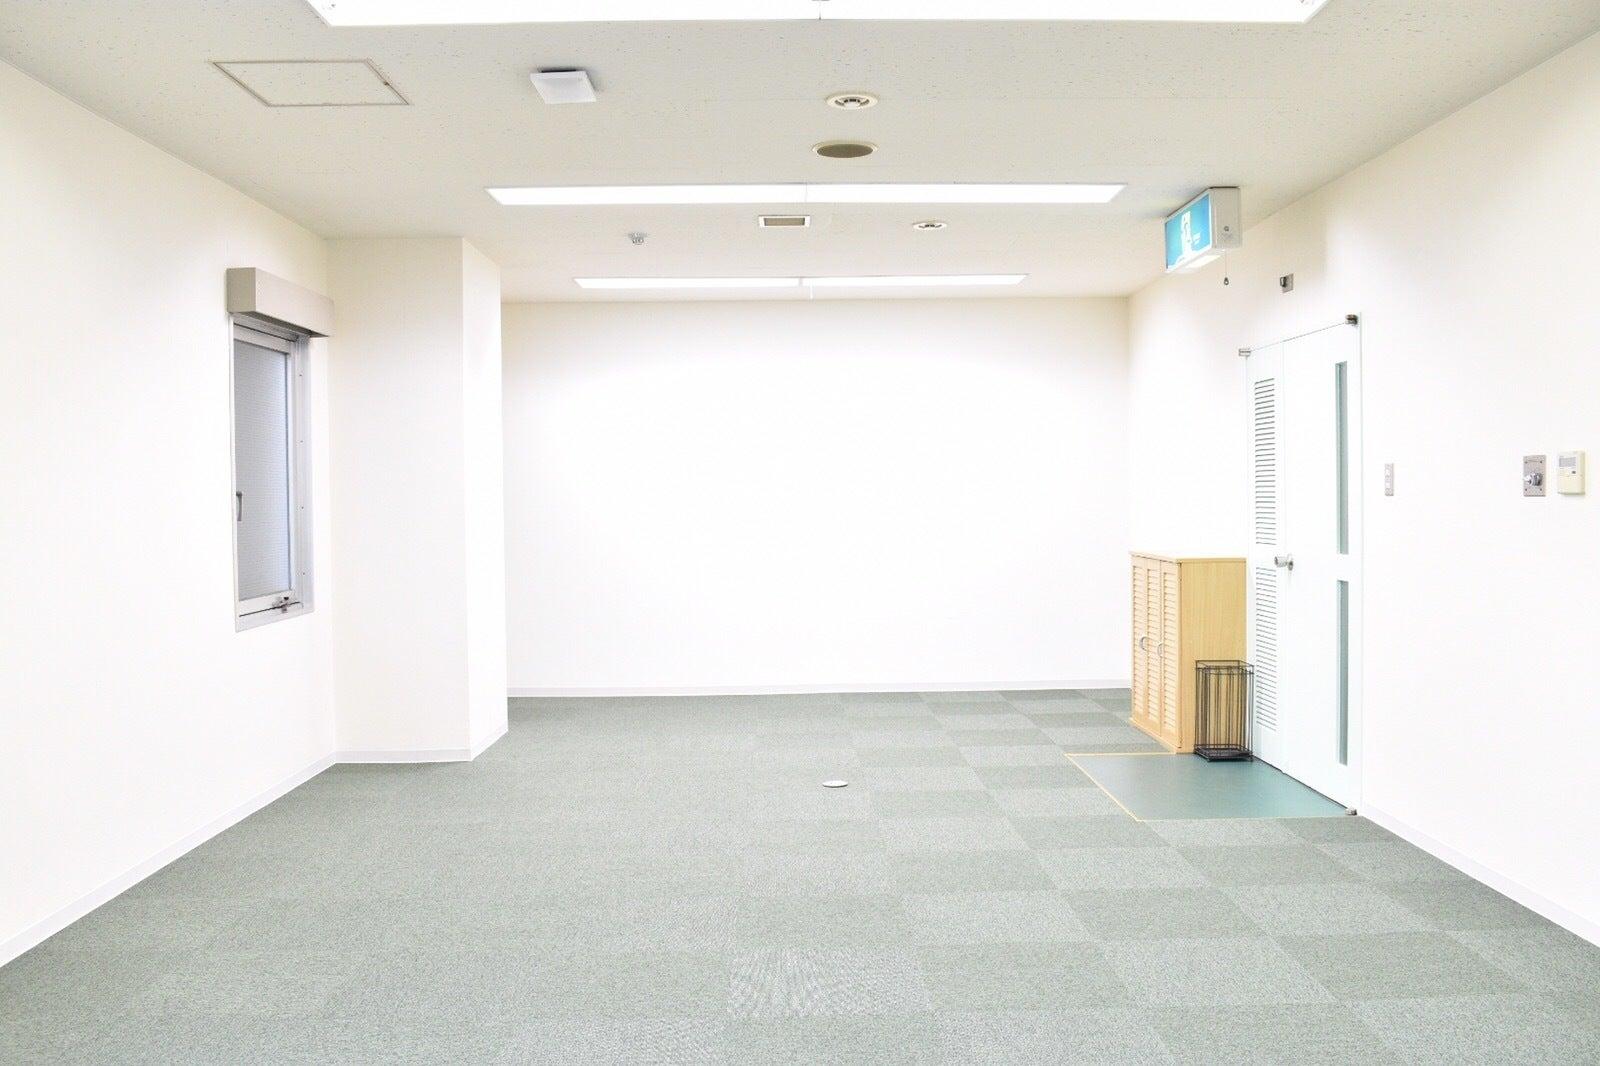 【高崎駅東口徒歩3分】会議・商談・セミナーにおすすめのスペースRoom4B FreeWi-Fi、共有部フリードリンクあり。 の写真